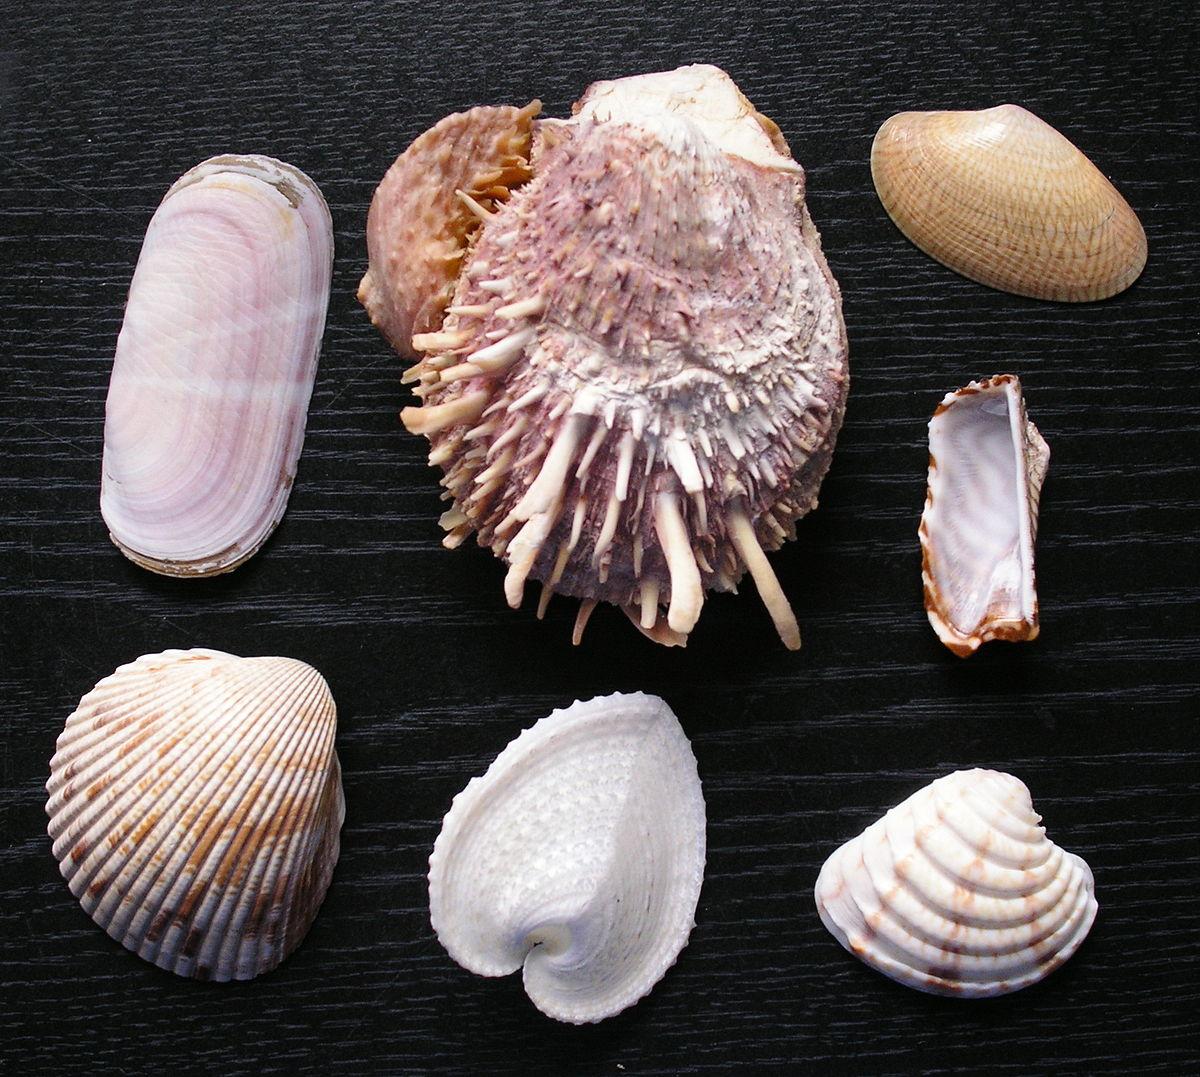 lehetnek e kagylók kagylókban